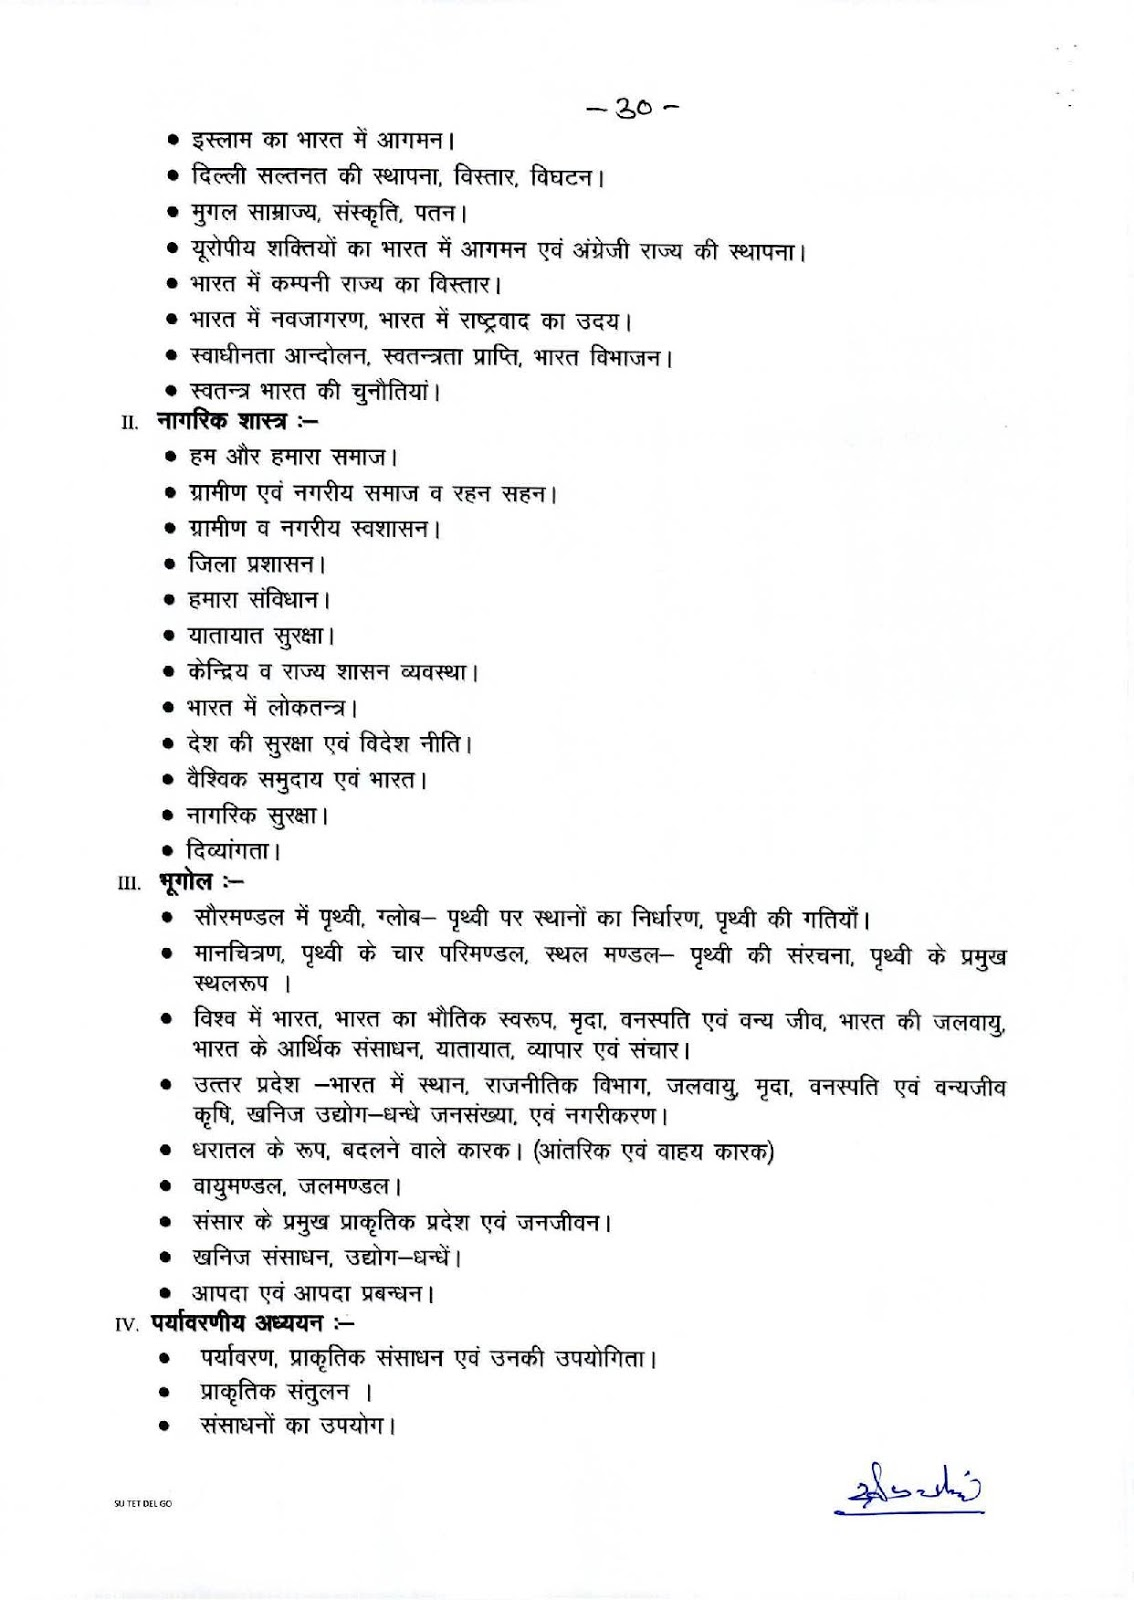 उच्च प्राथमिक पेपर-II (कक्षा 6 से 8 तक) पाठ्यक्रम देखे -7